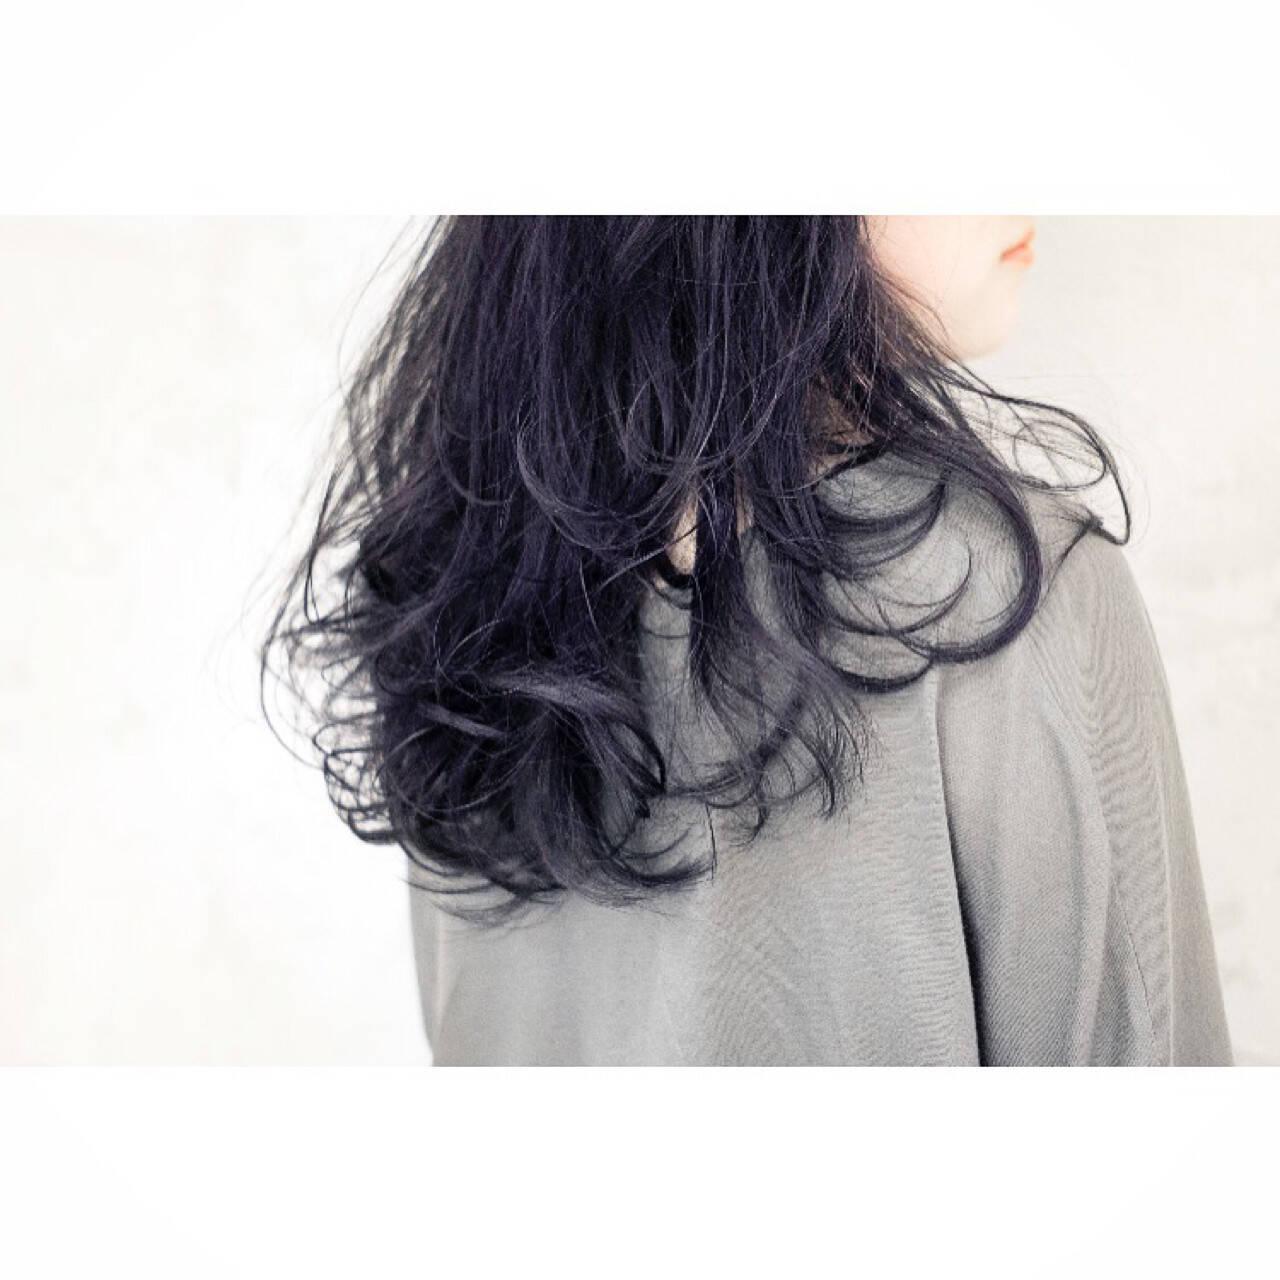 ロング 似合わせ ストリート ネイビーヘアスタイルや髪型の写真・画像